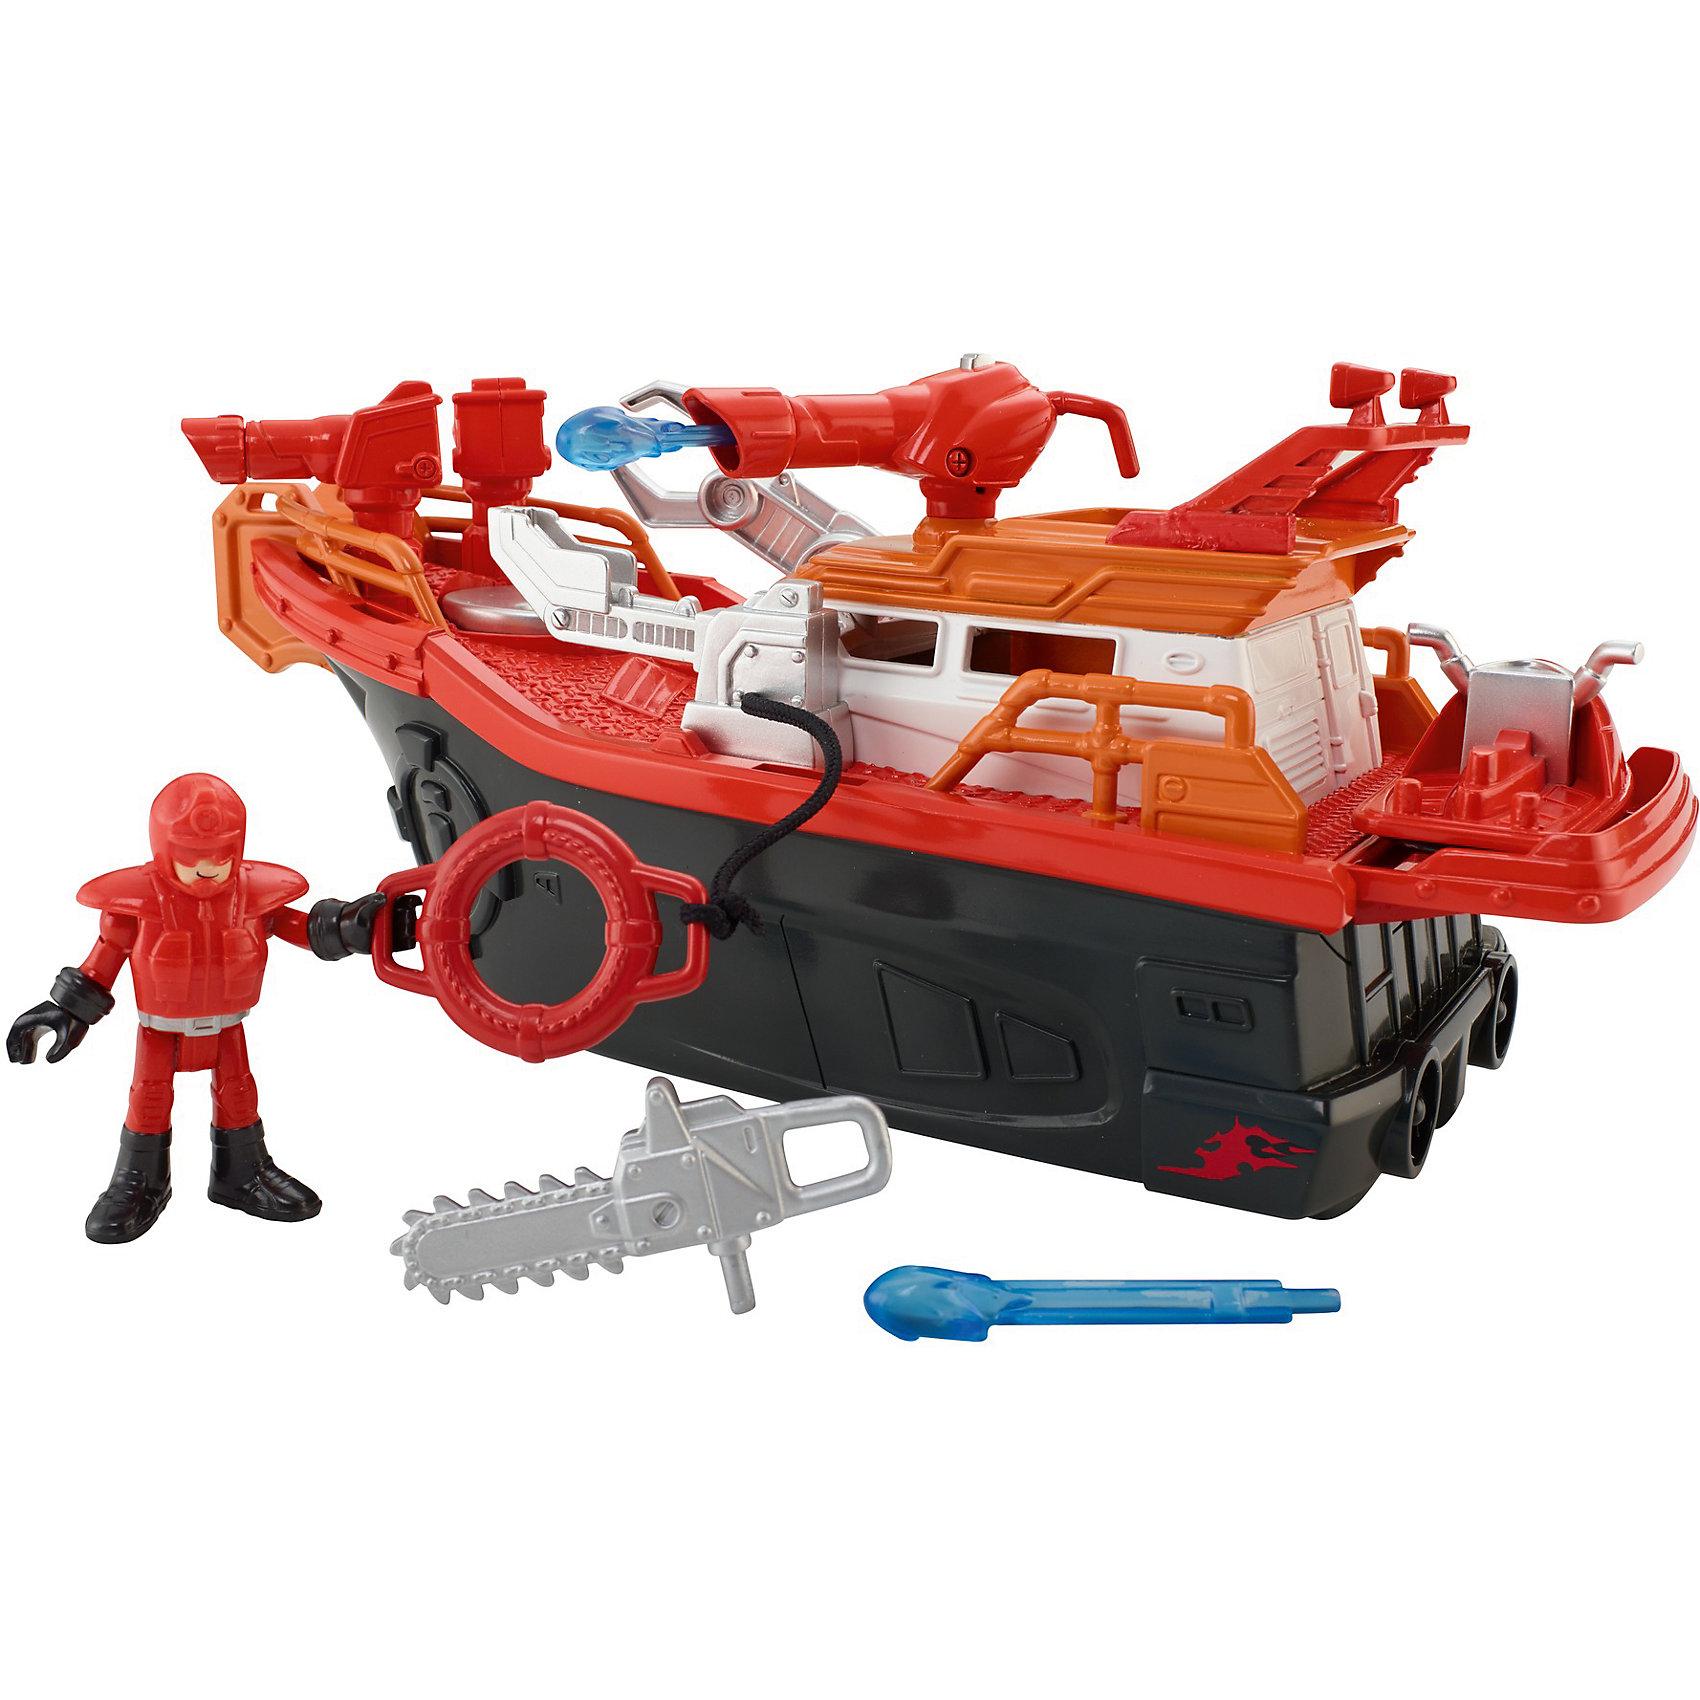 Пожарная лодка, Imaginext, Fisher Price